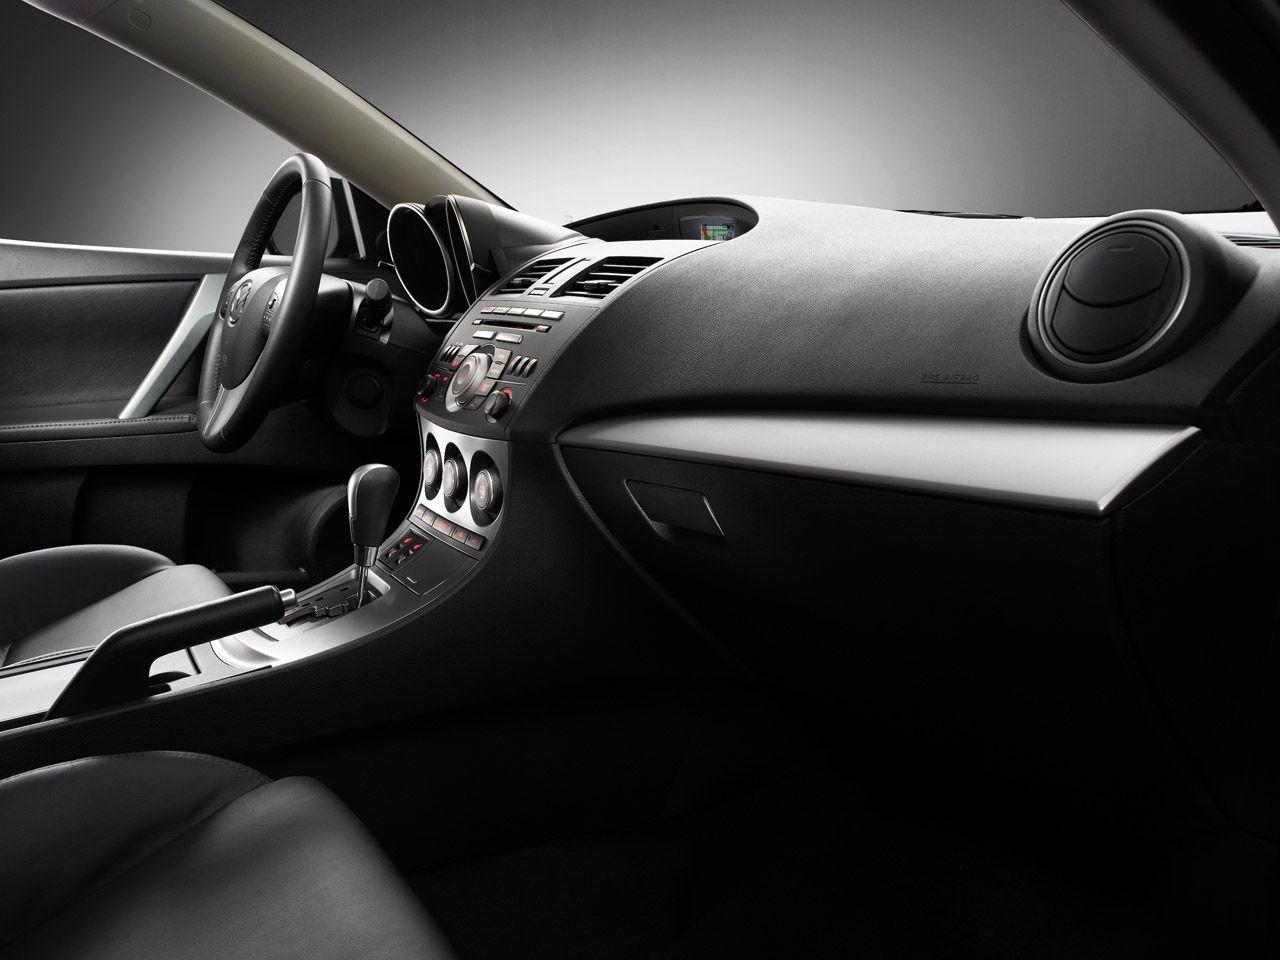 Mazda 3 2010 Interior Wallpaper 1280x960